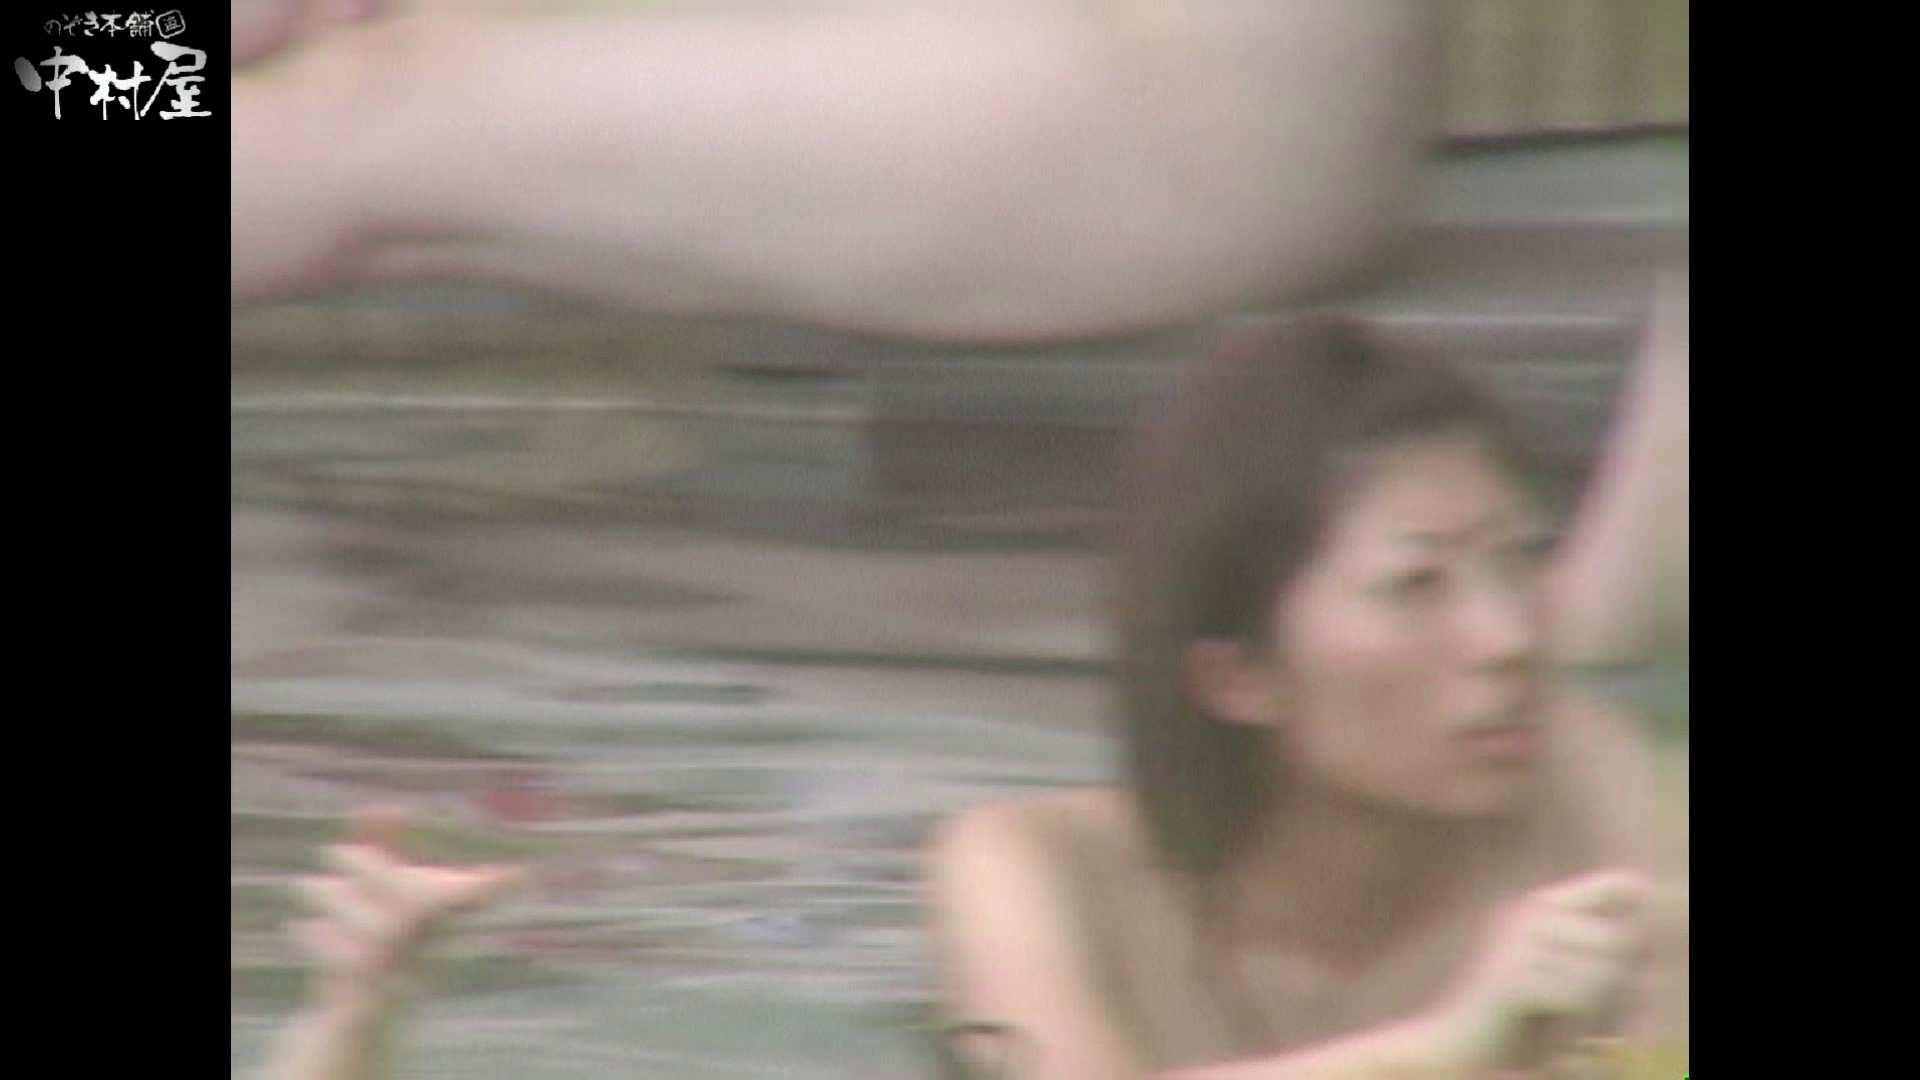 Aquaな露天風呂Vol.940 盗撮 オメコ無修正動画無料 98画像 38